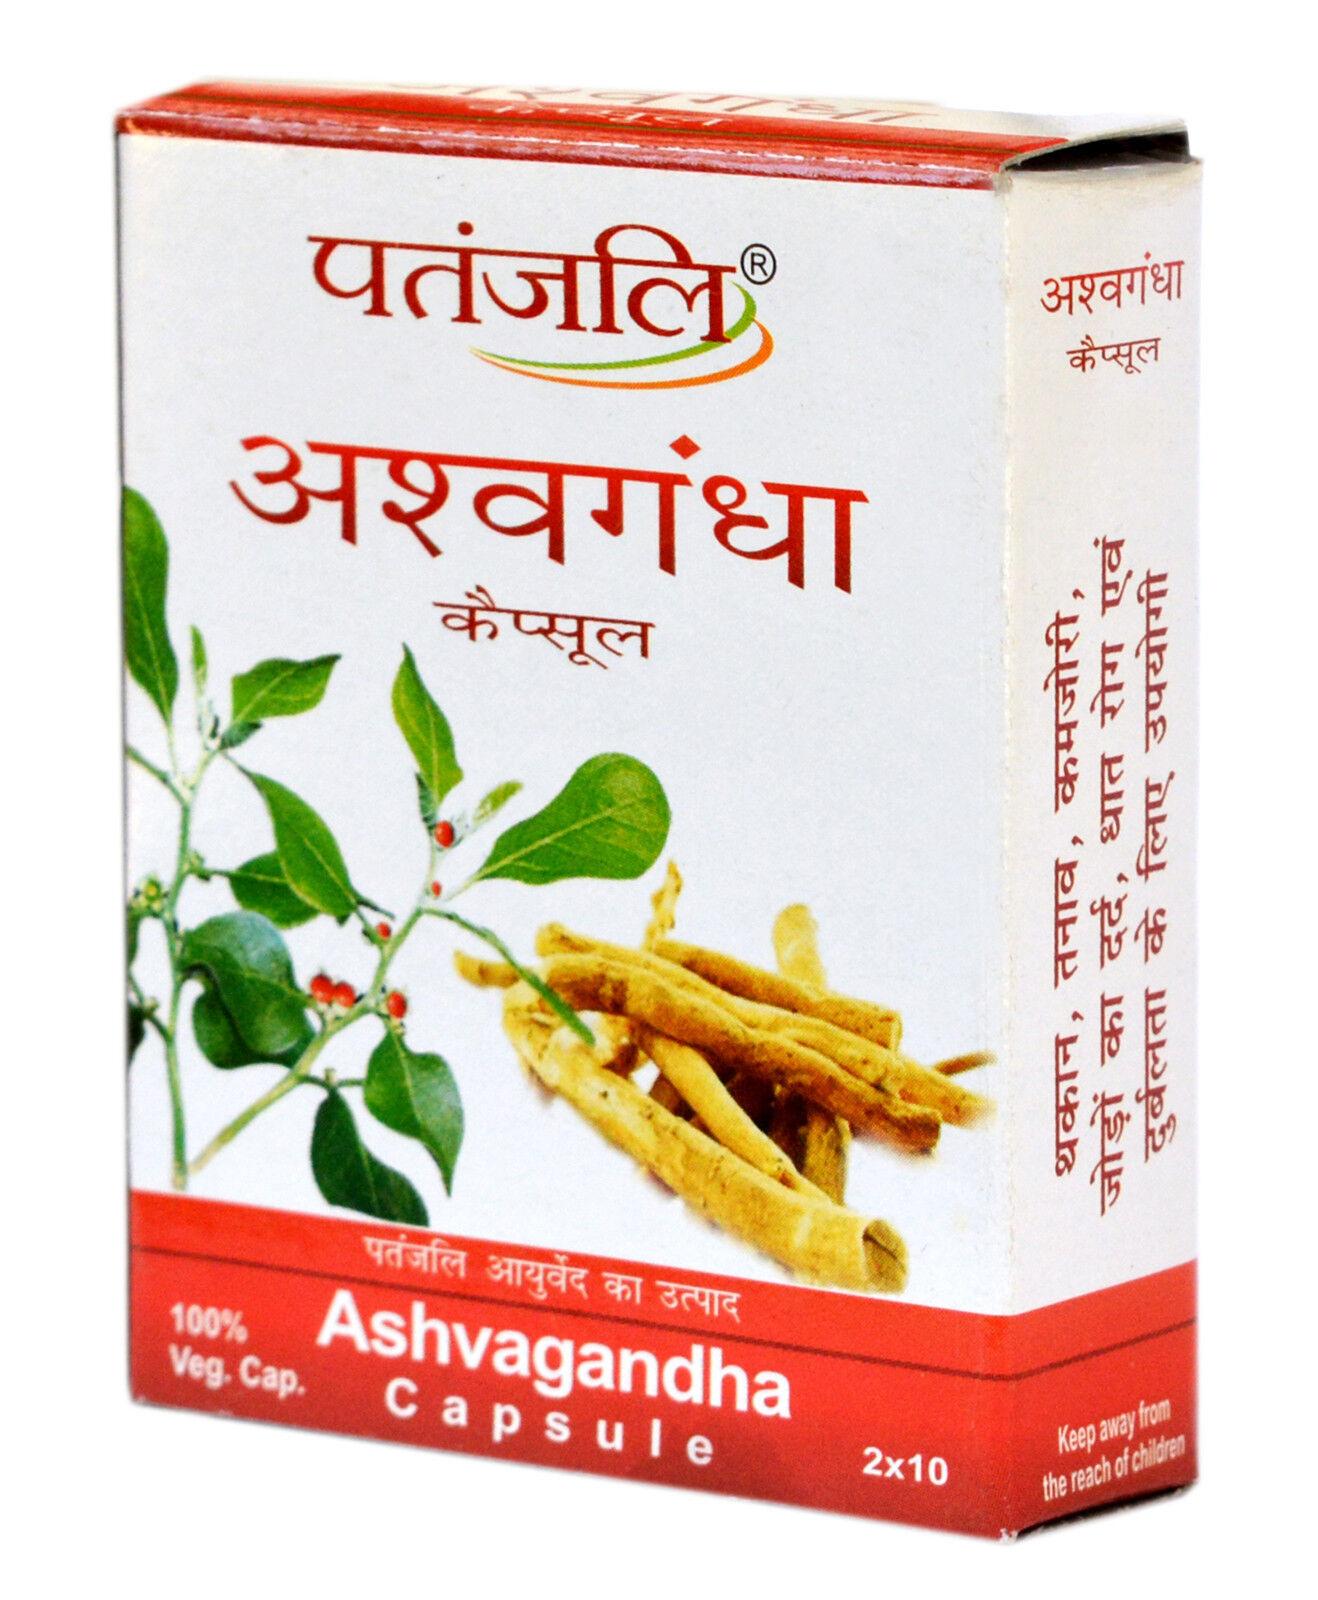 Patanjali Ashwagandha